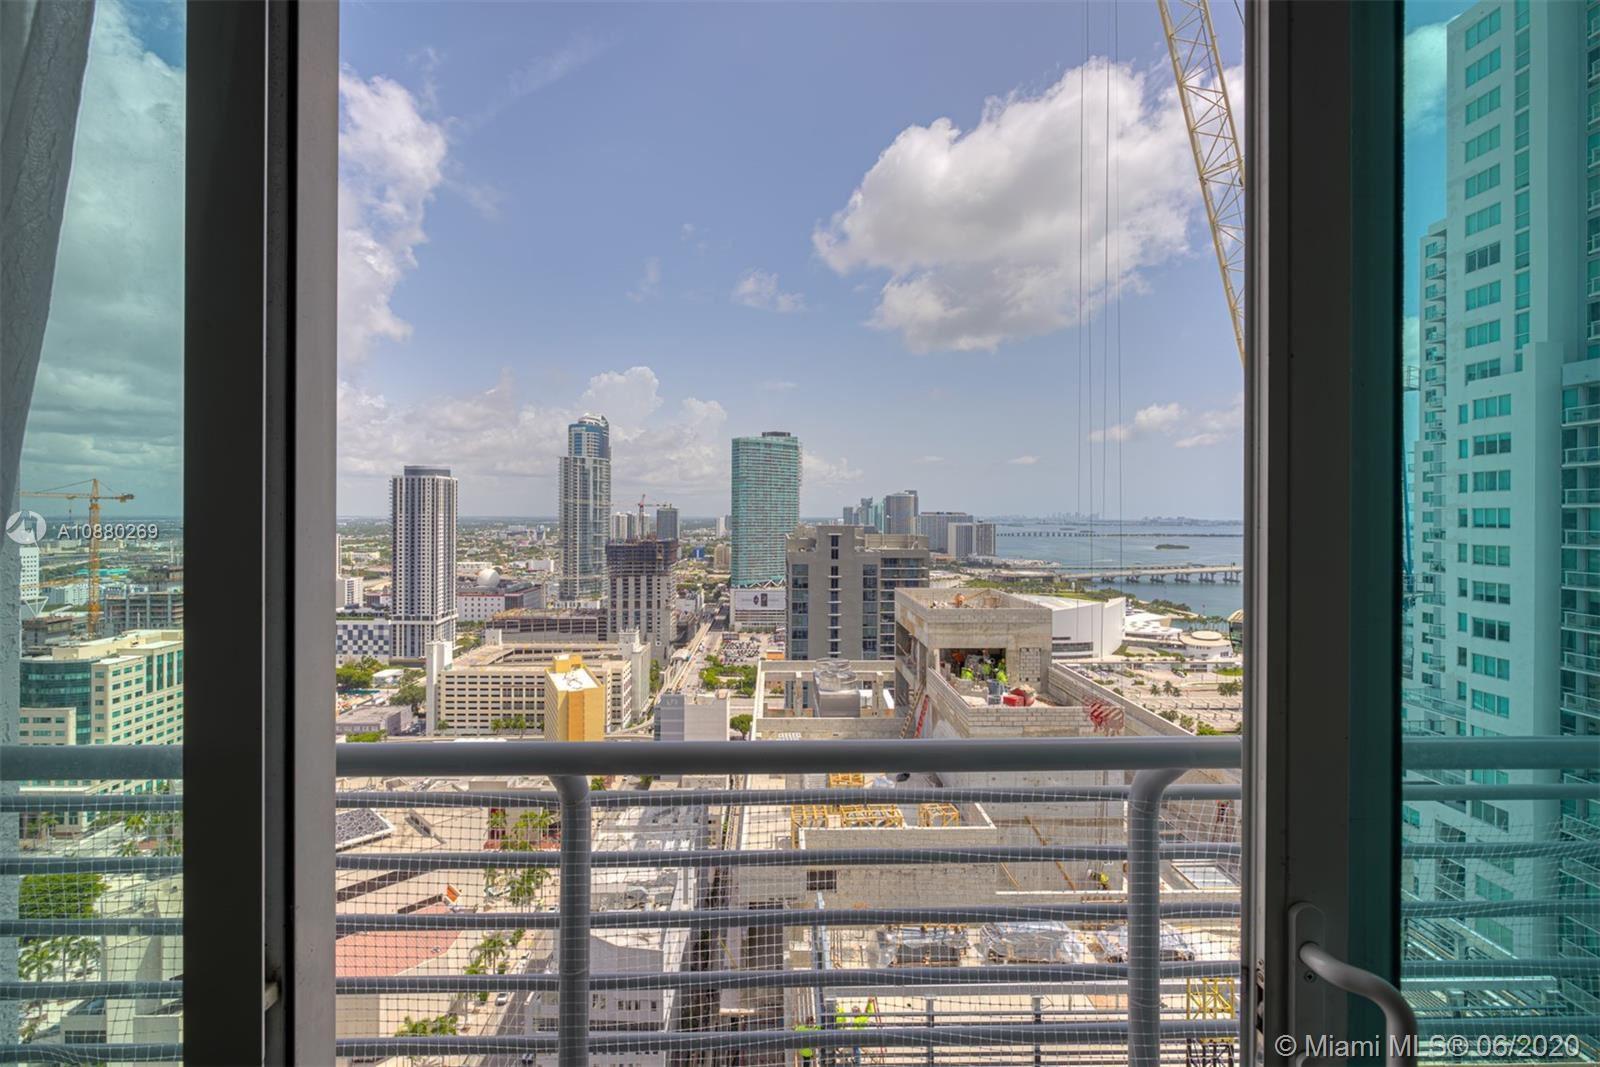 133 NE 2nd Ave #3503, Miami, FL 33132 - #: A10880269